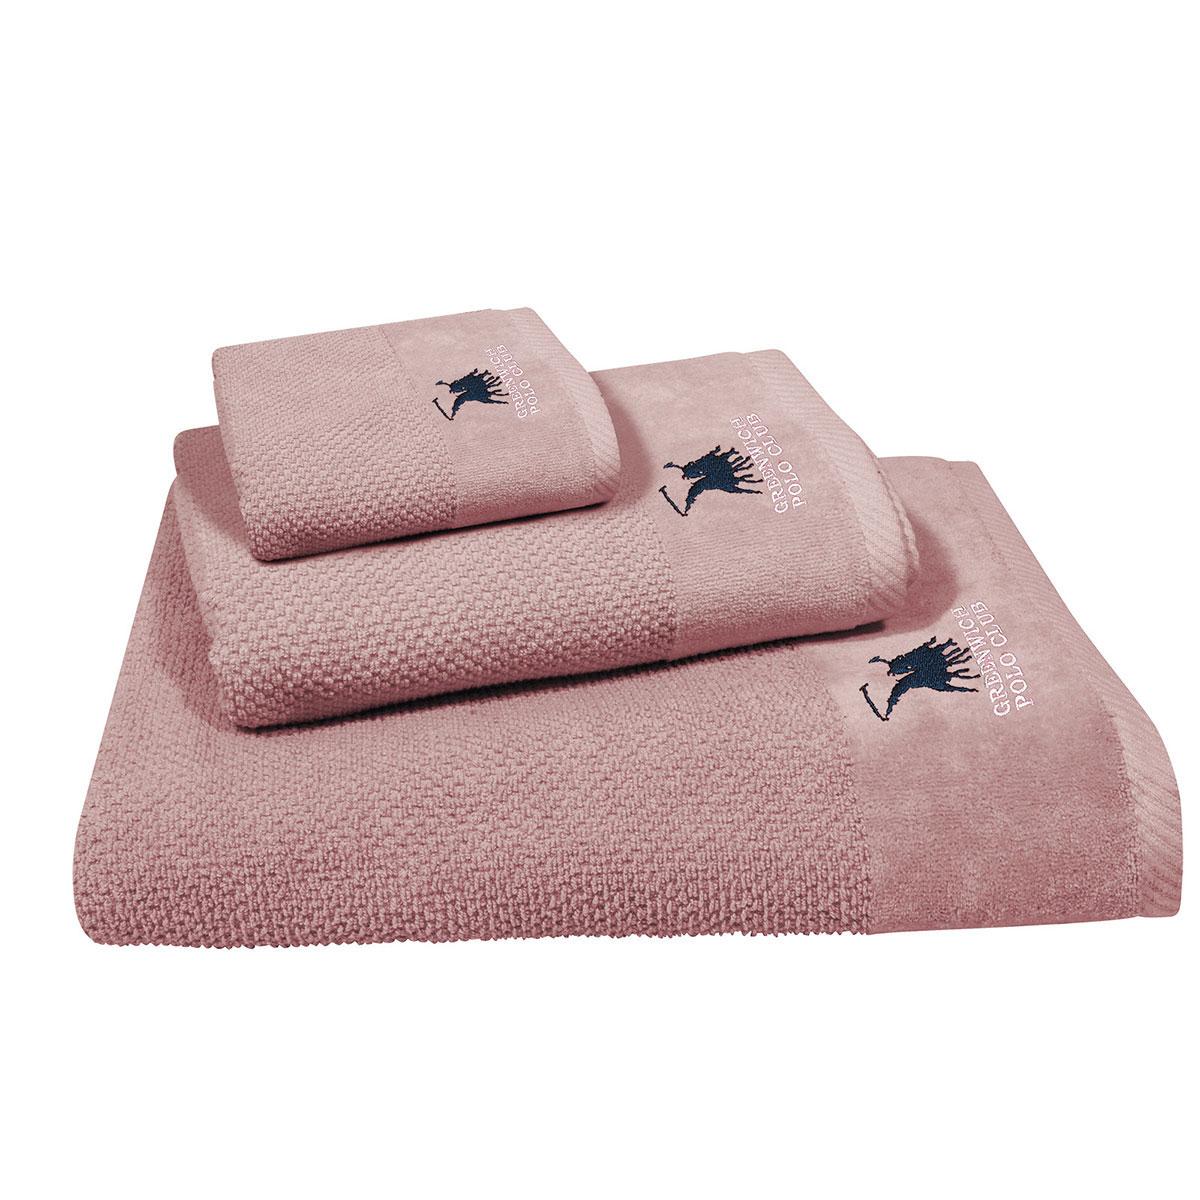 Πετσέτες Μπάνιου (Σετ 3τμχ) Greenwich Polo Club 2543 Pink